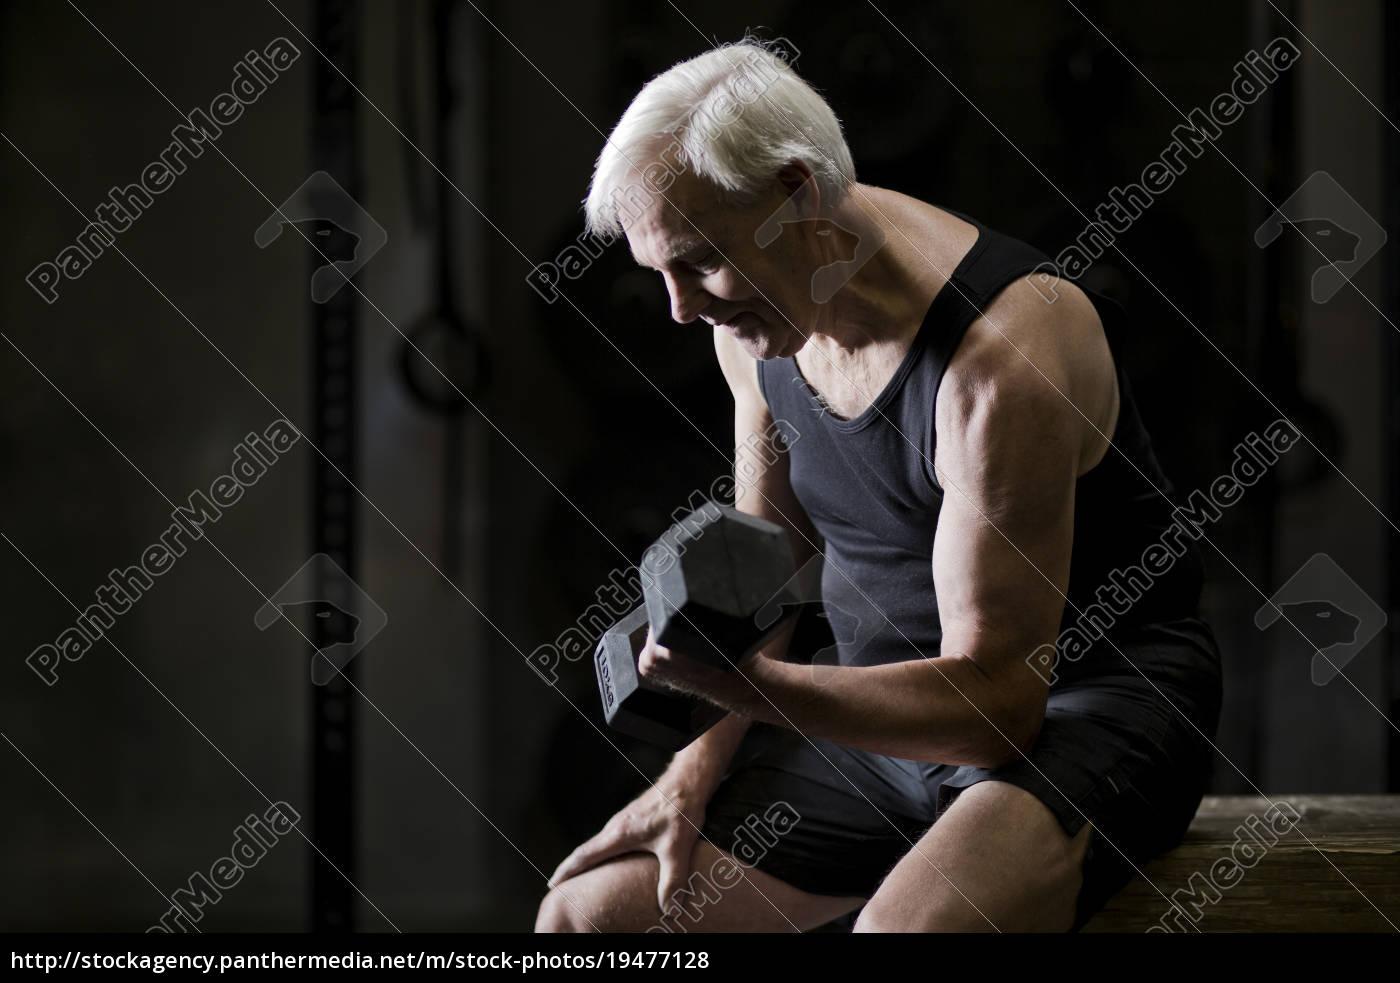 senior, man, sitting, doing, bicep, curls - 19477128